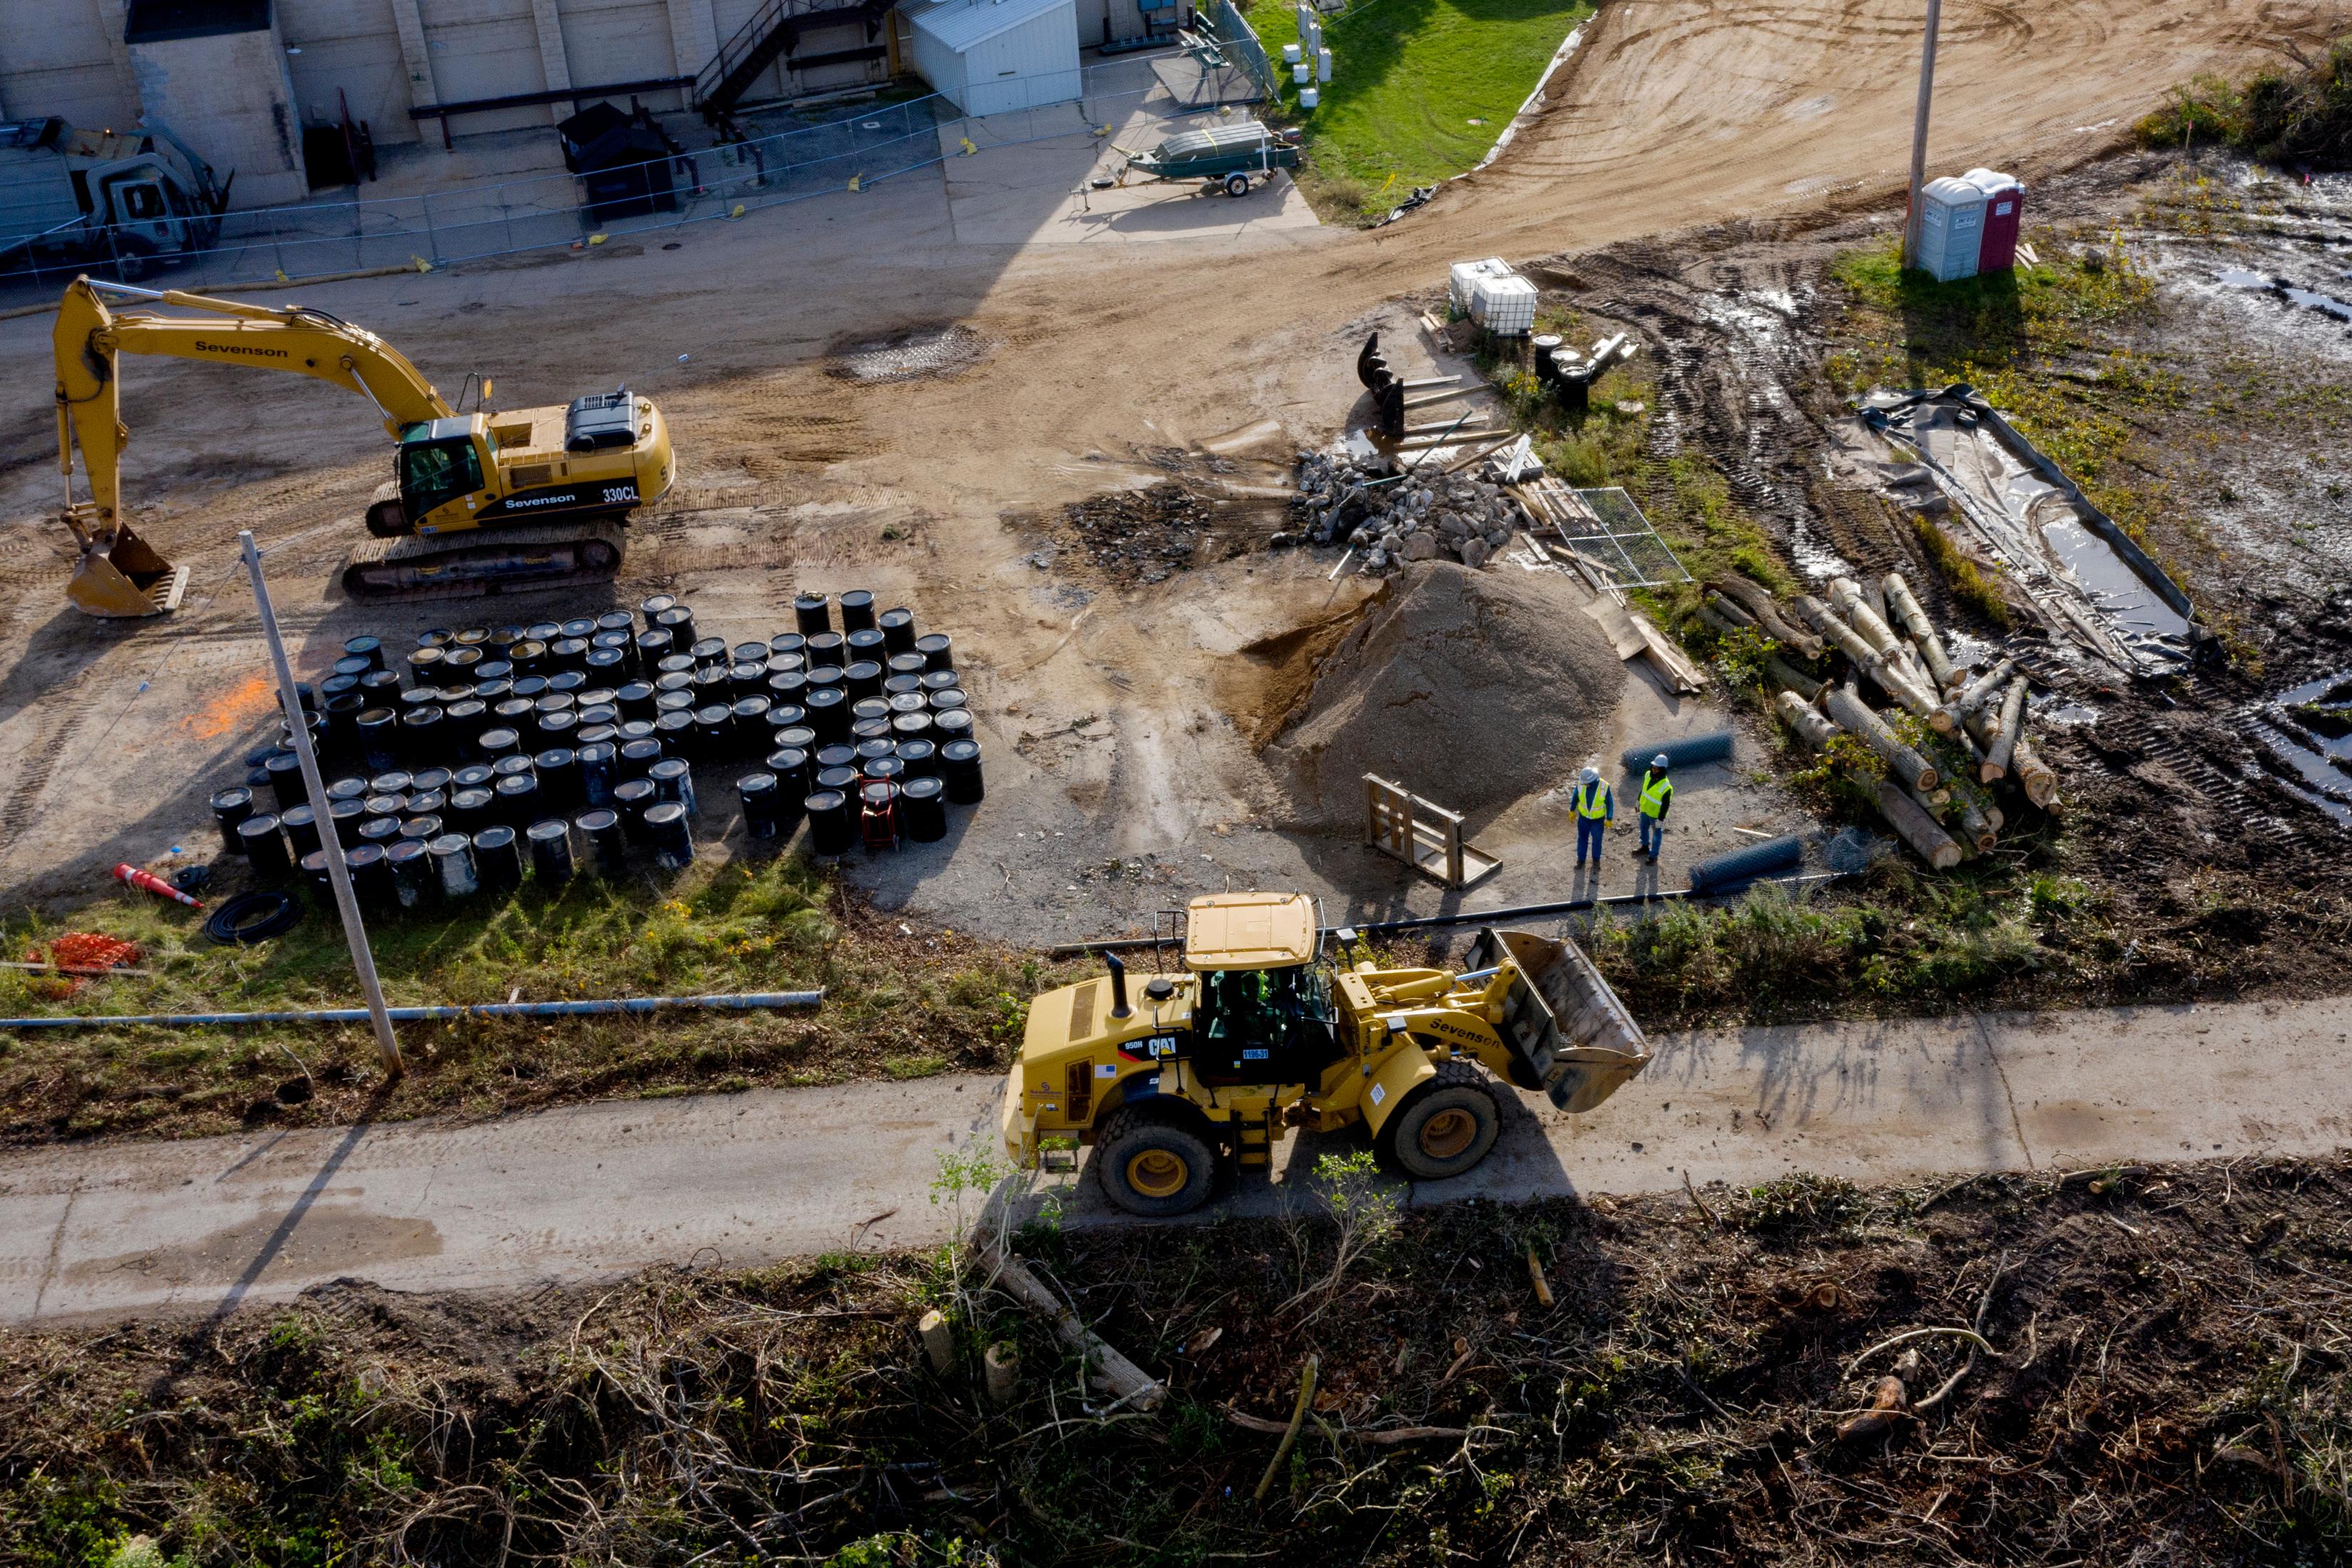 Advocates petition EPA to regulate PFAS as hazardous waste